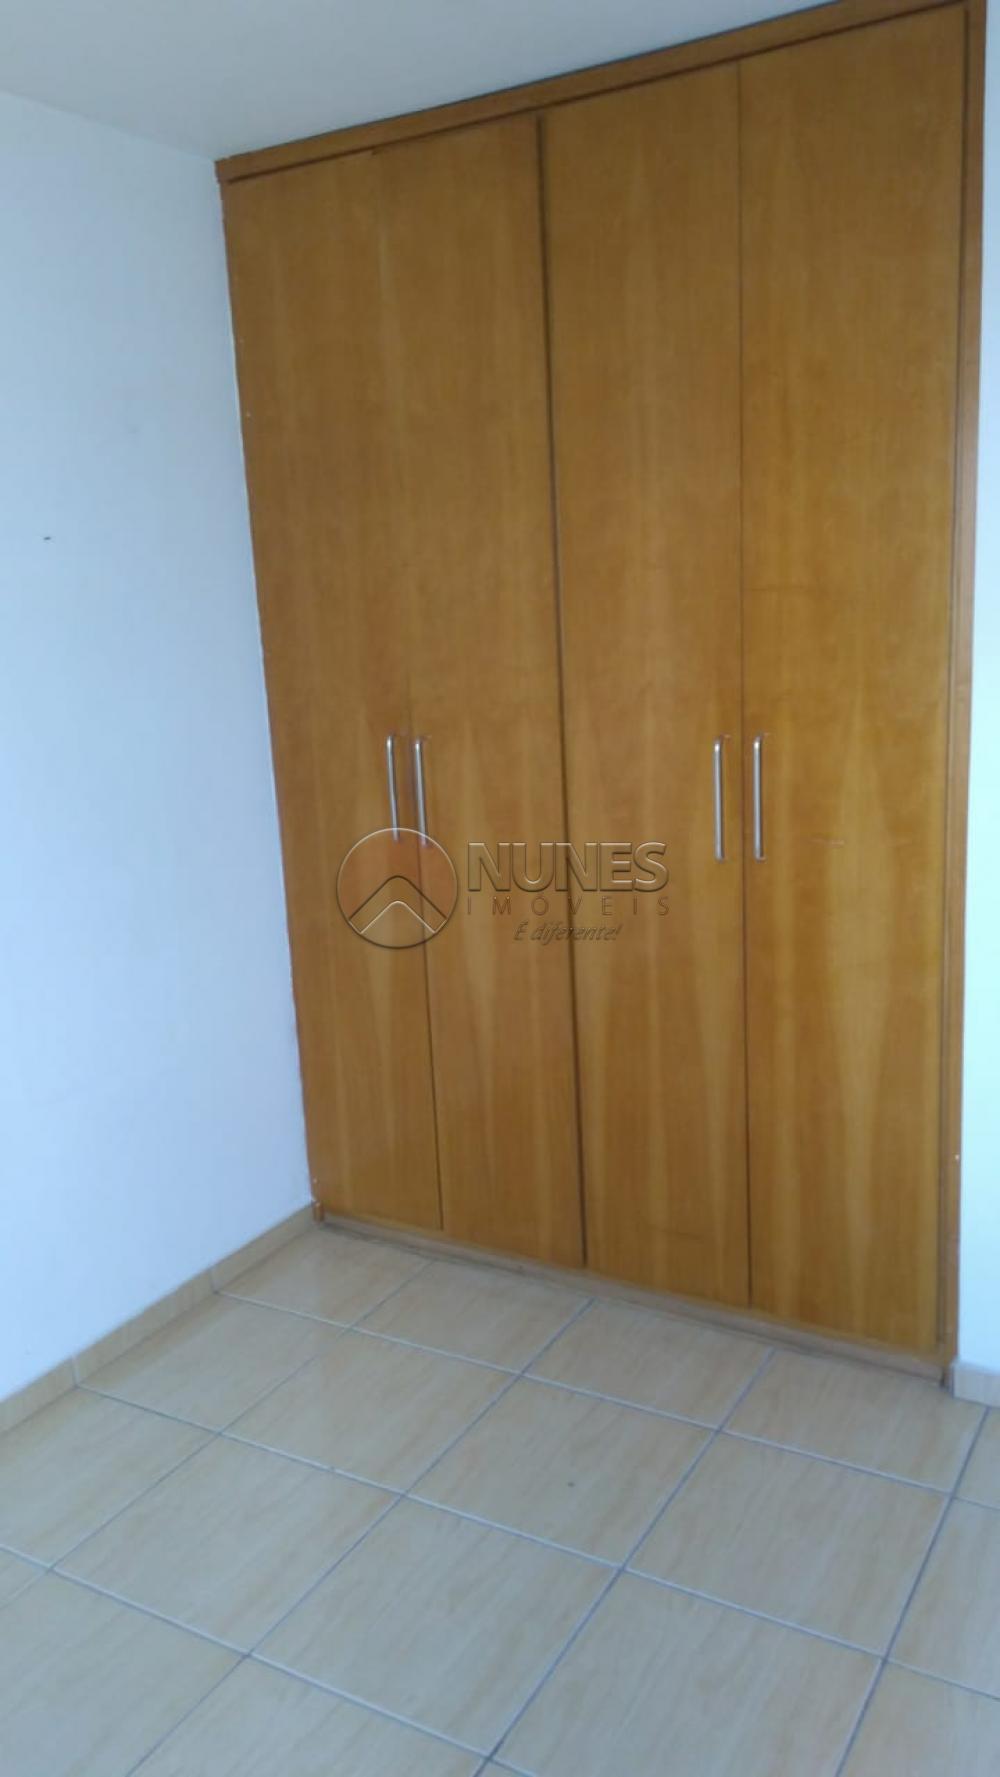 Comprar Apartamento / Padrão em São Paulo apenas R$ 280.000,00 - Foto 18